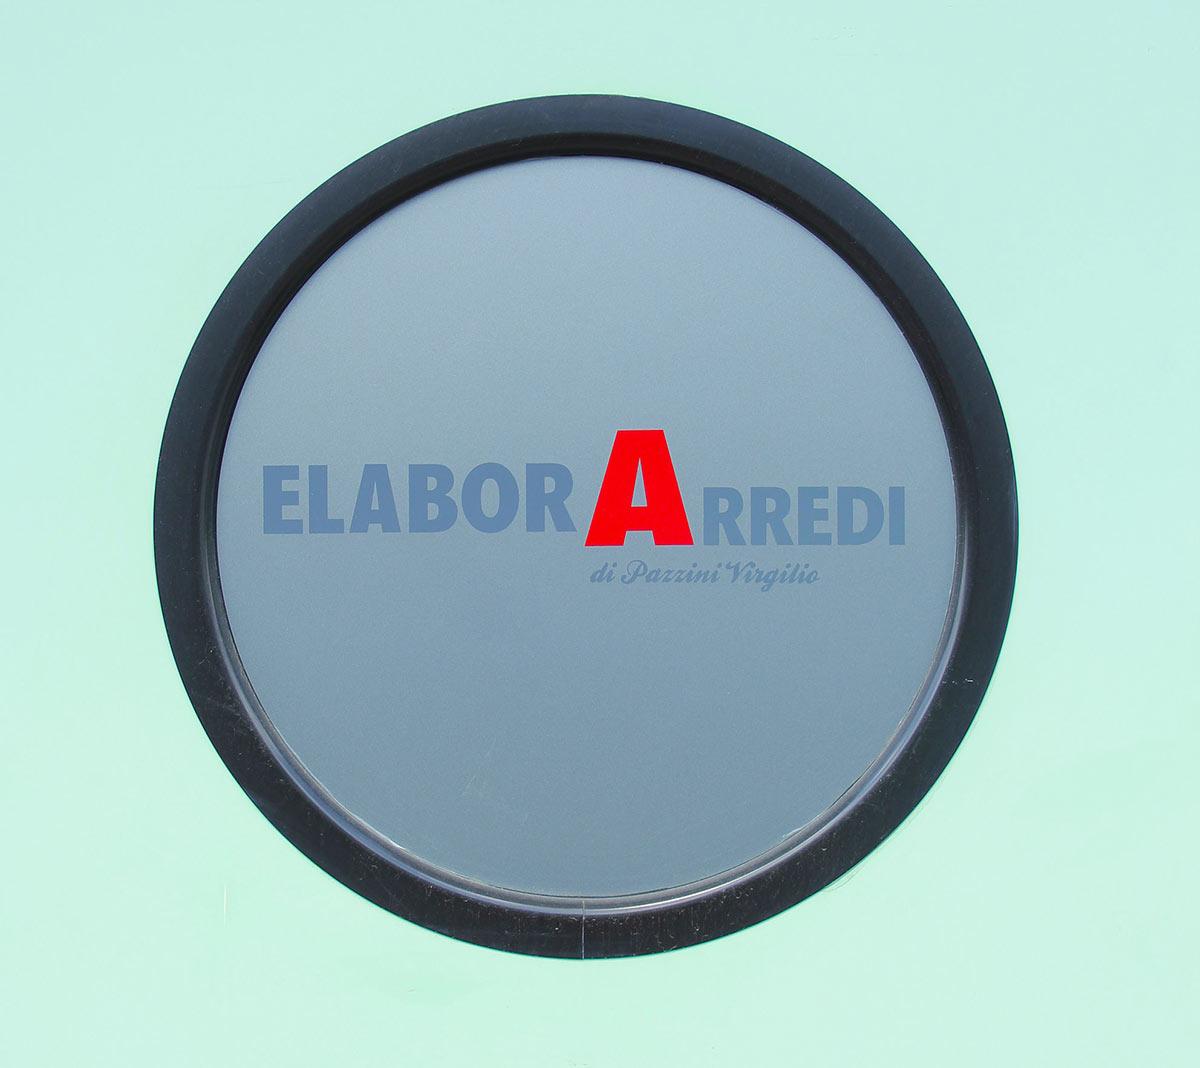 ElaborArredi_Azienda